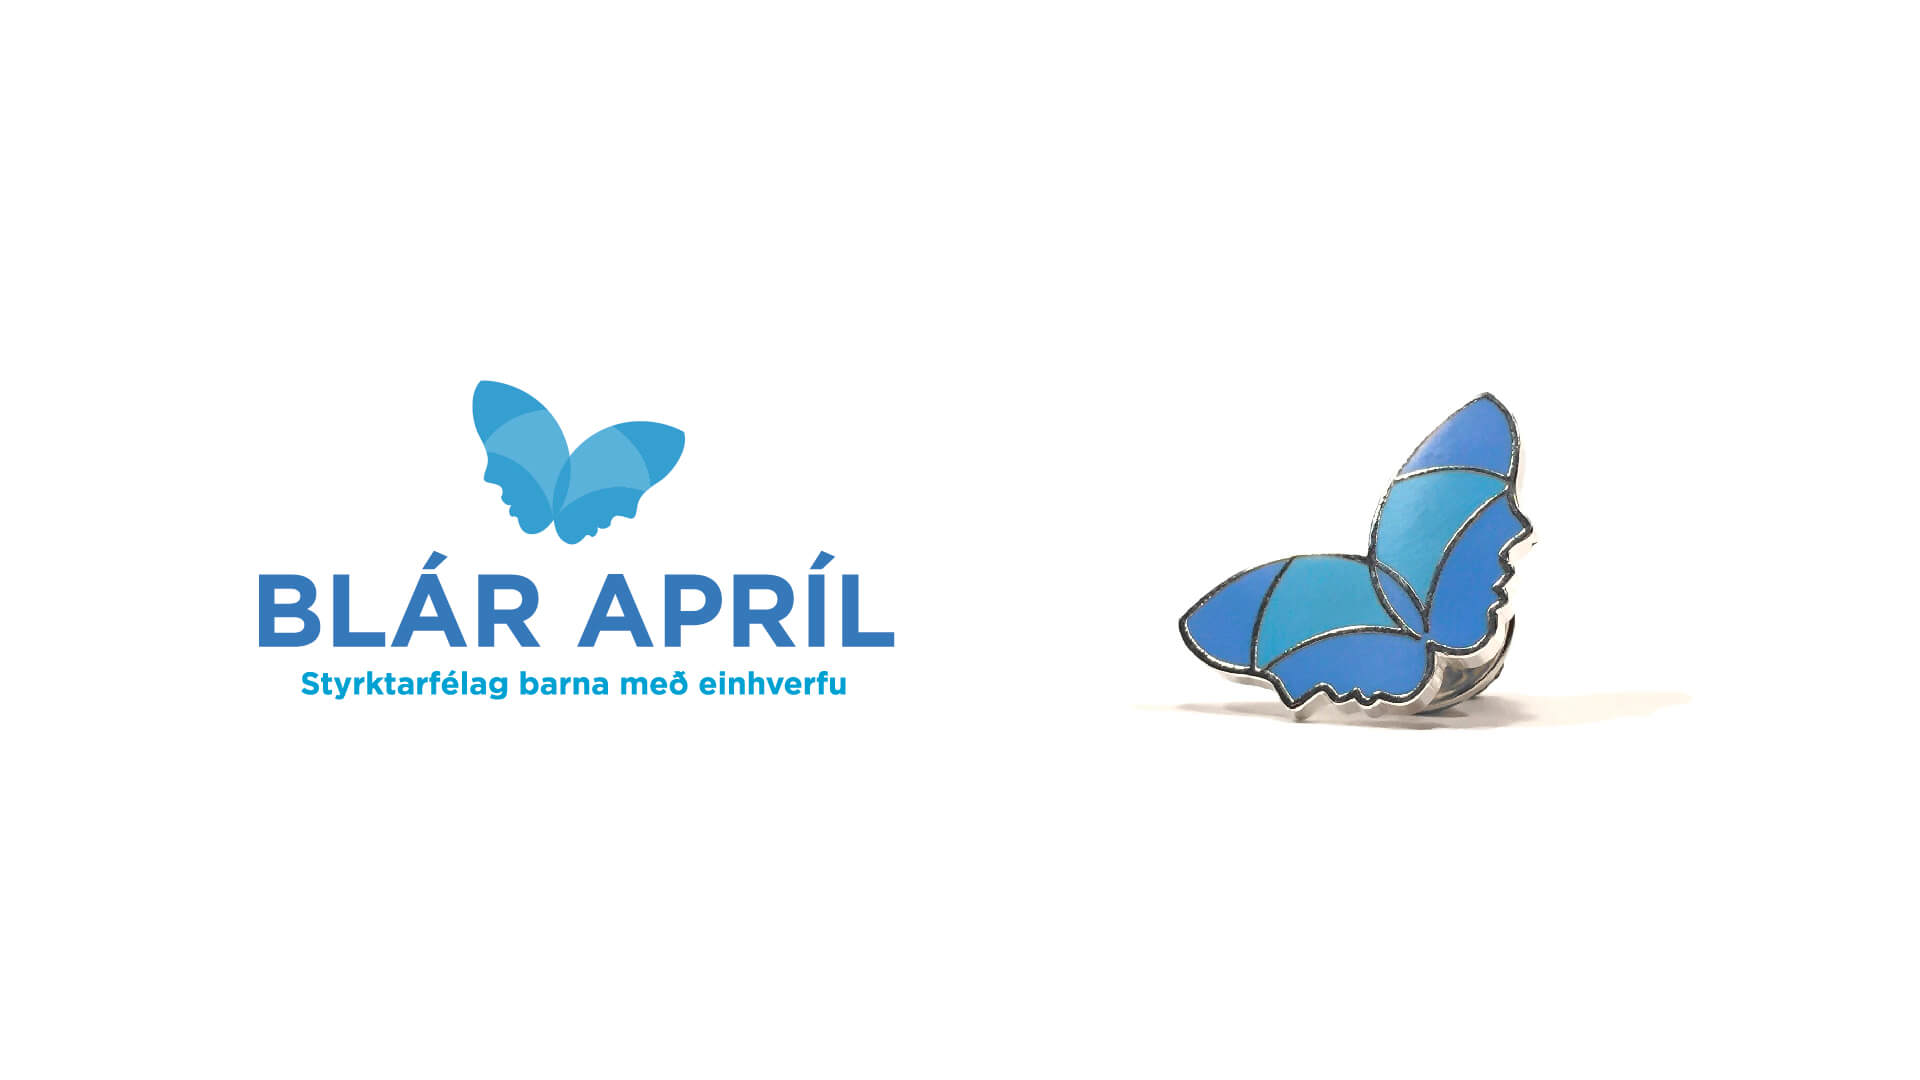 blár apríl - merki og skart